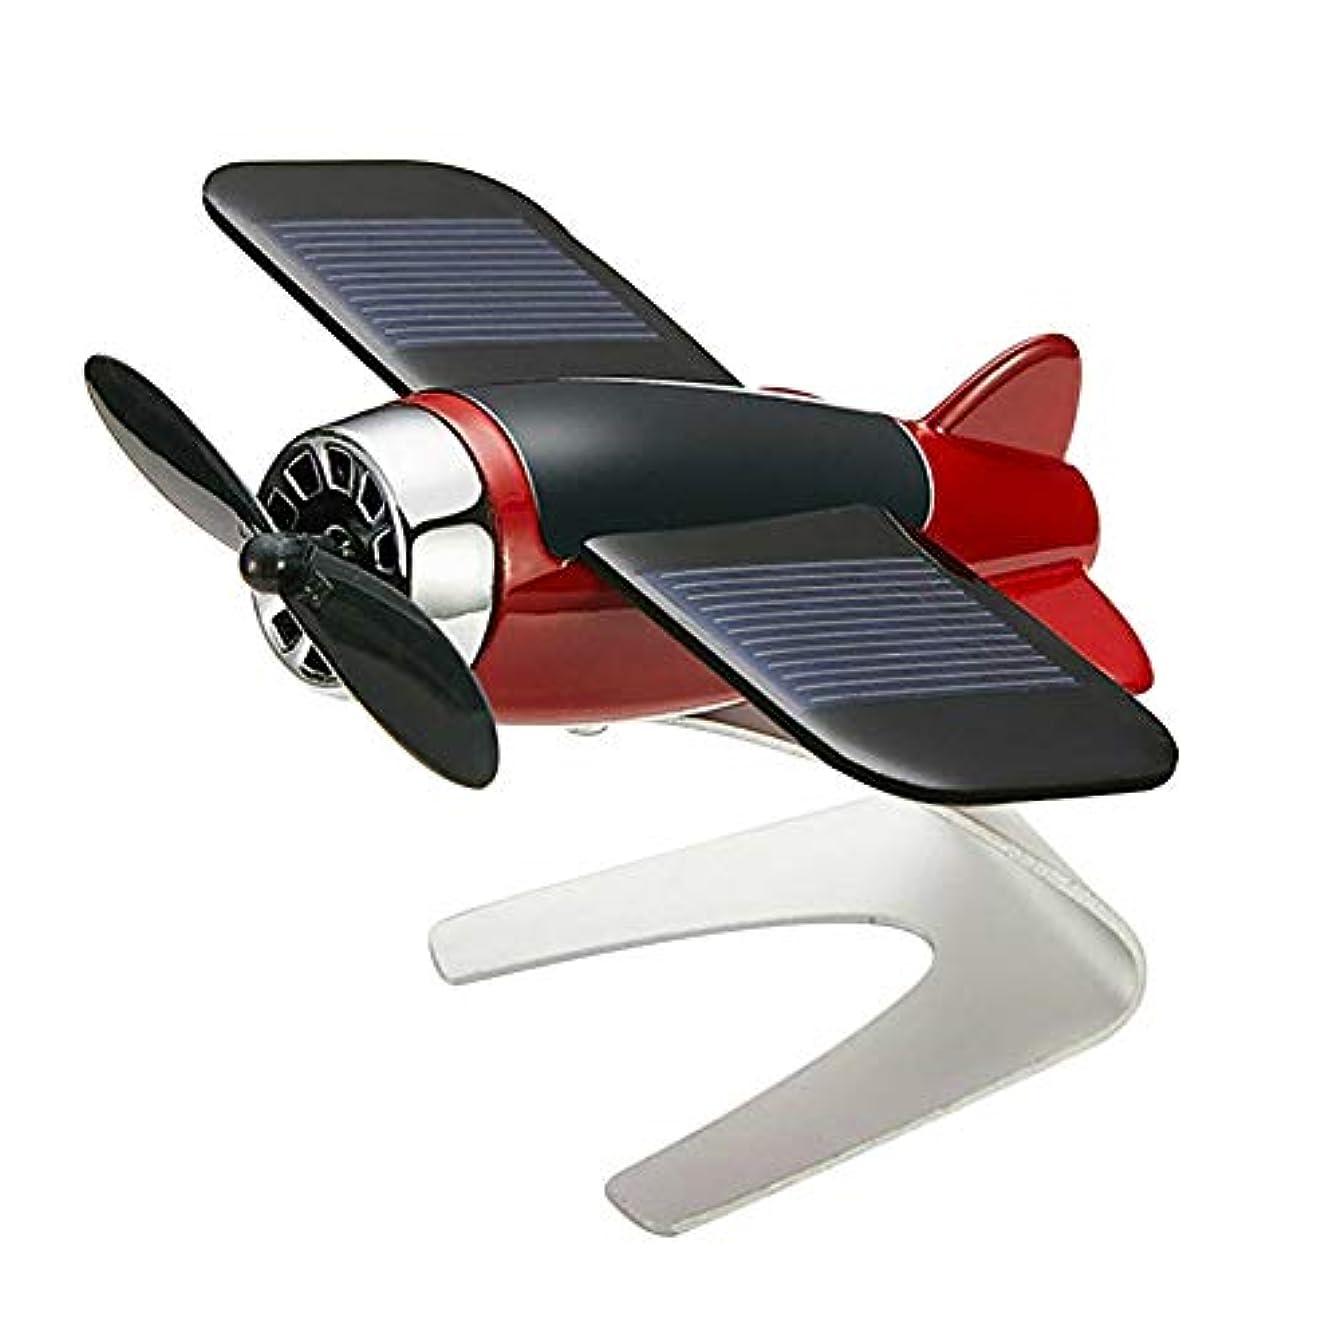 疑い検閲口述Symboat 車の芳香剤飛行機航空機モデル太陽エネルギーアロマテラピー室内装飾